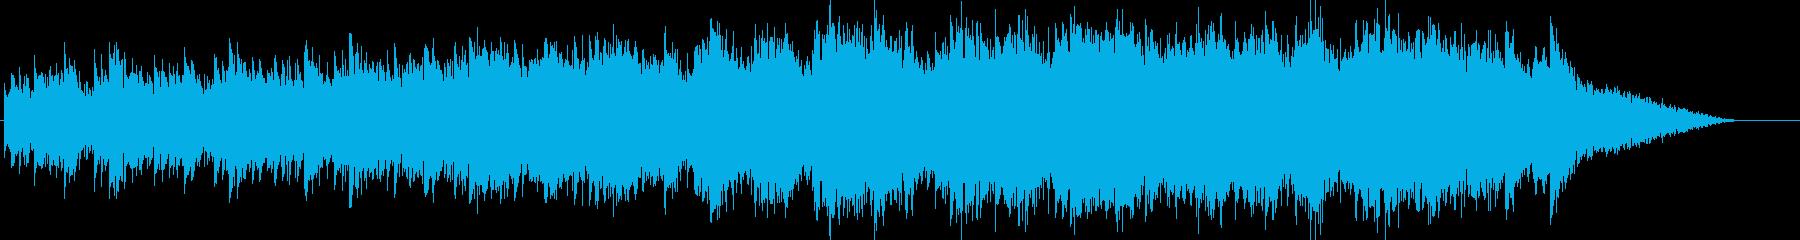 ループする優しいメロディと海の音の再生済みの波形